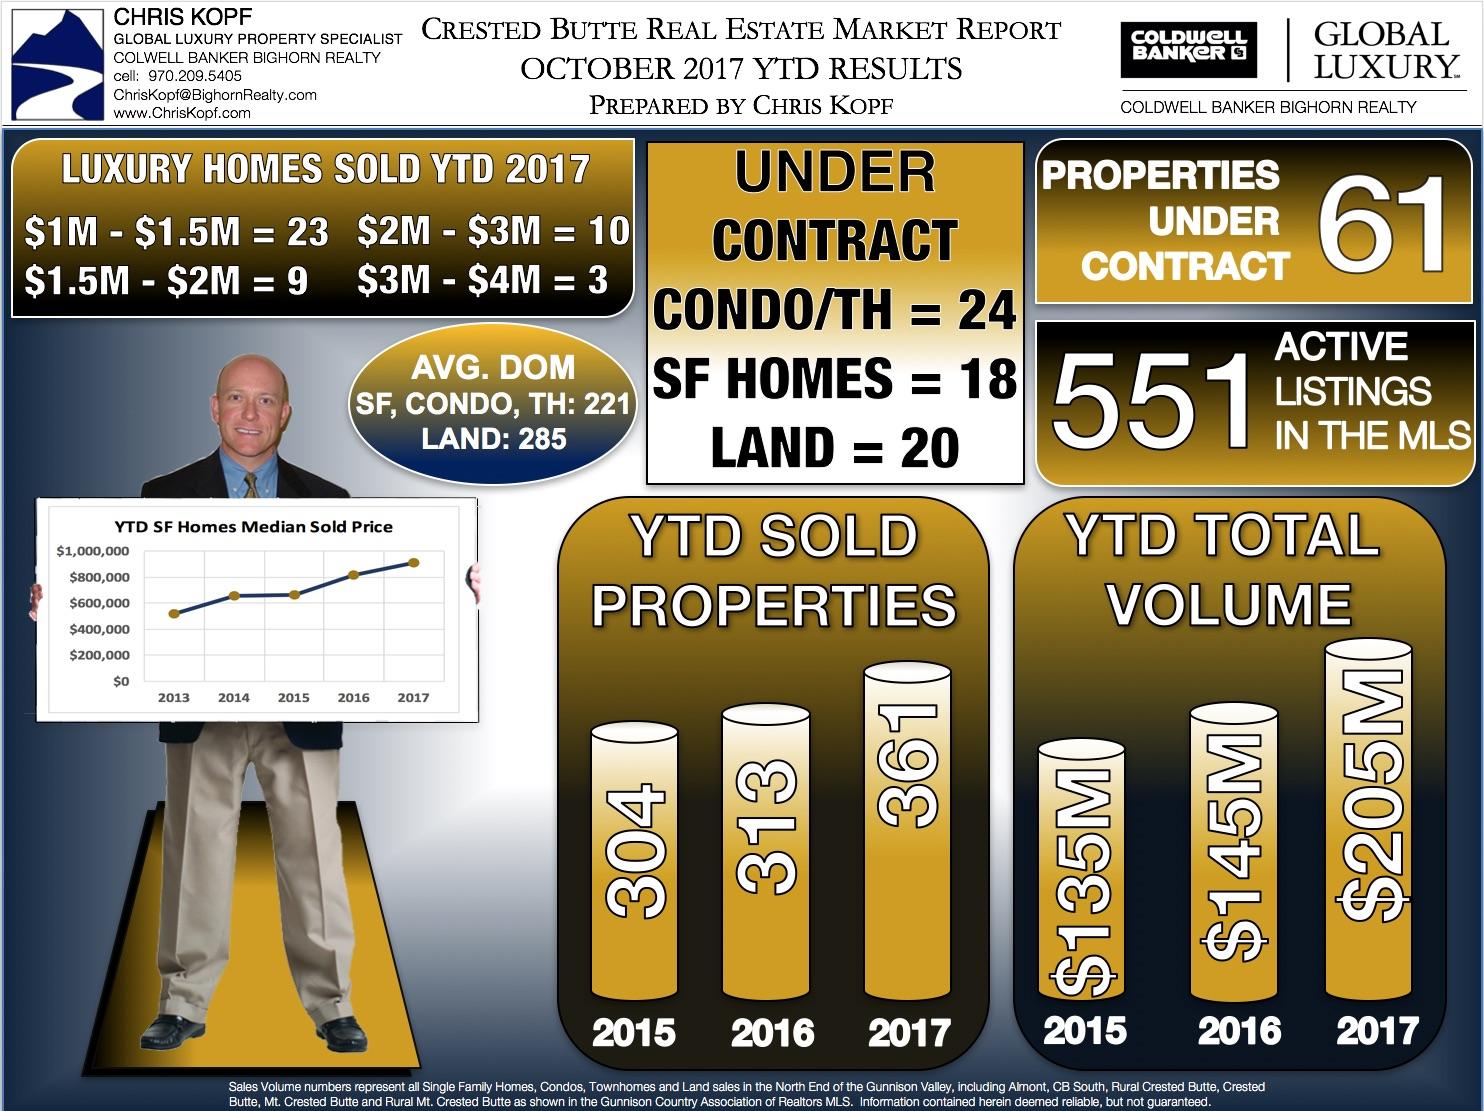 Crested Butte Real Estate Market Report October 2017